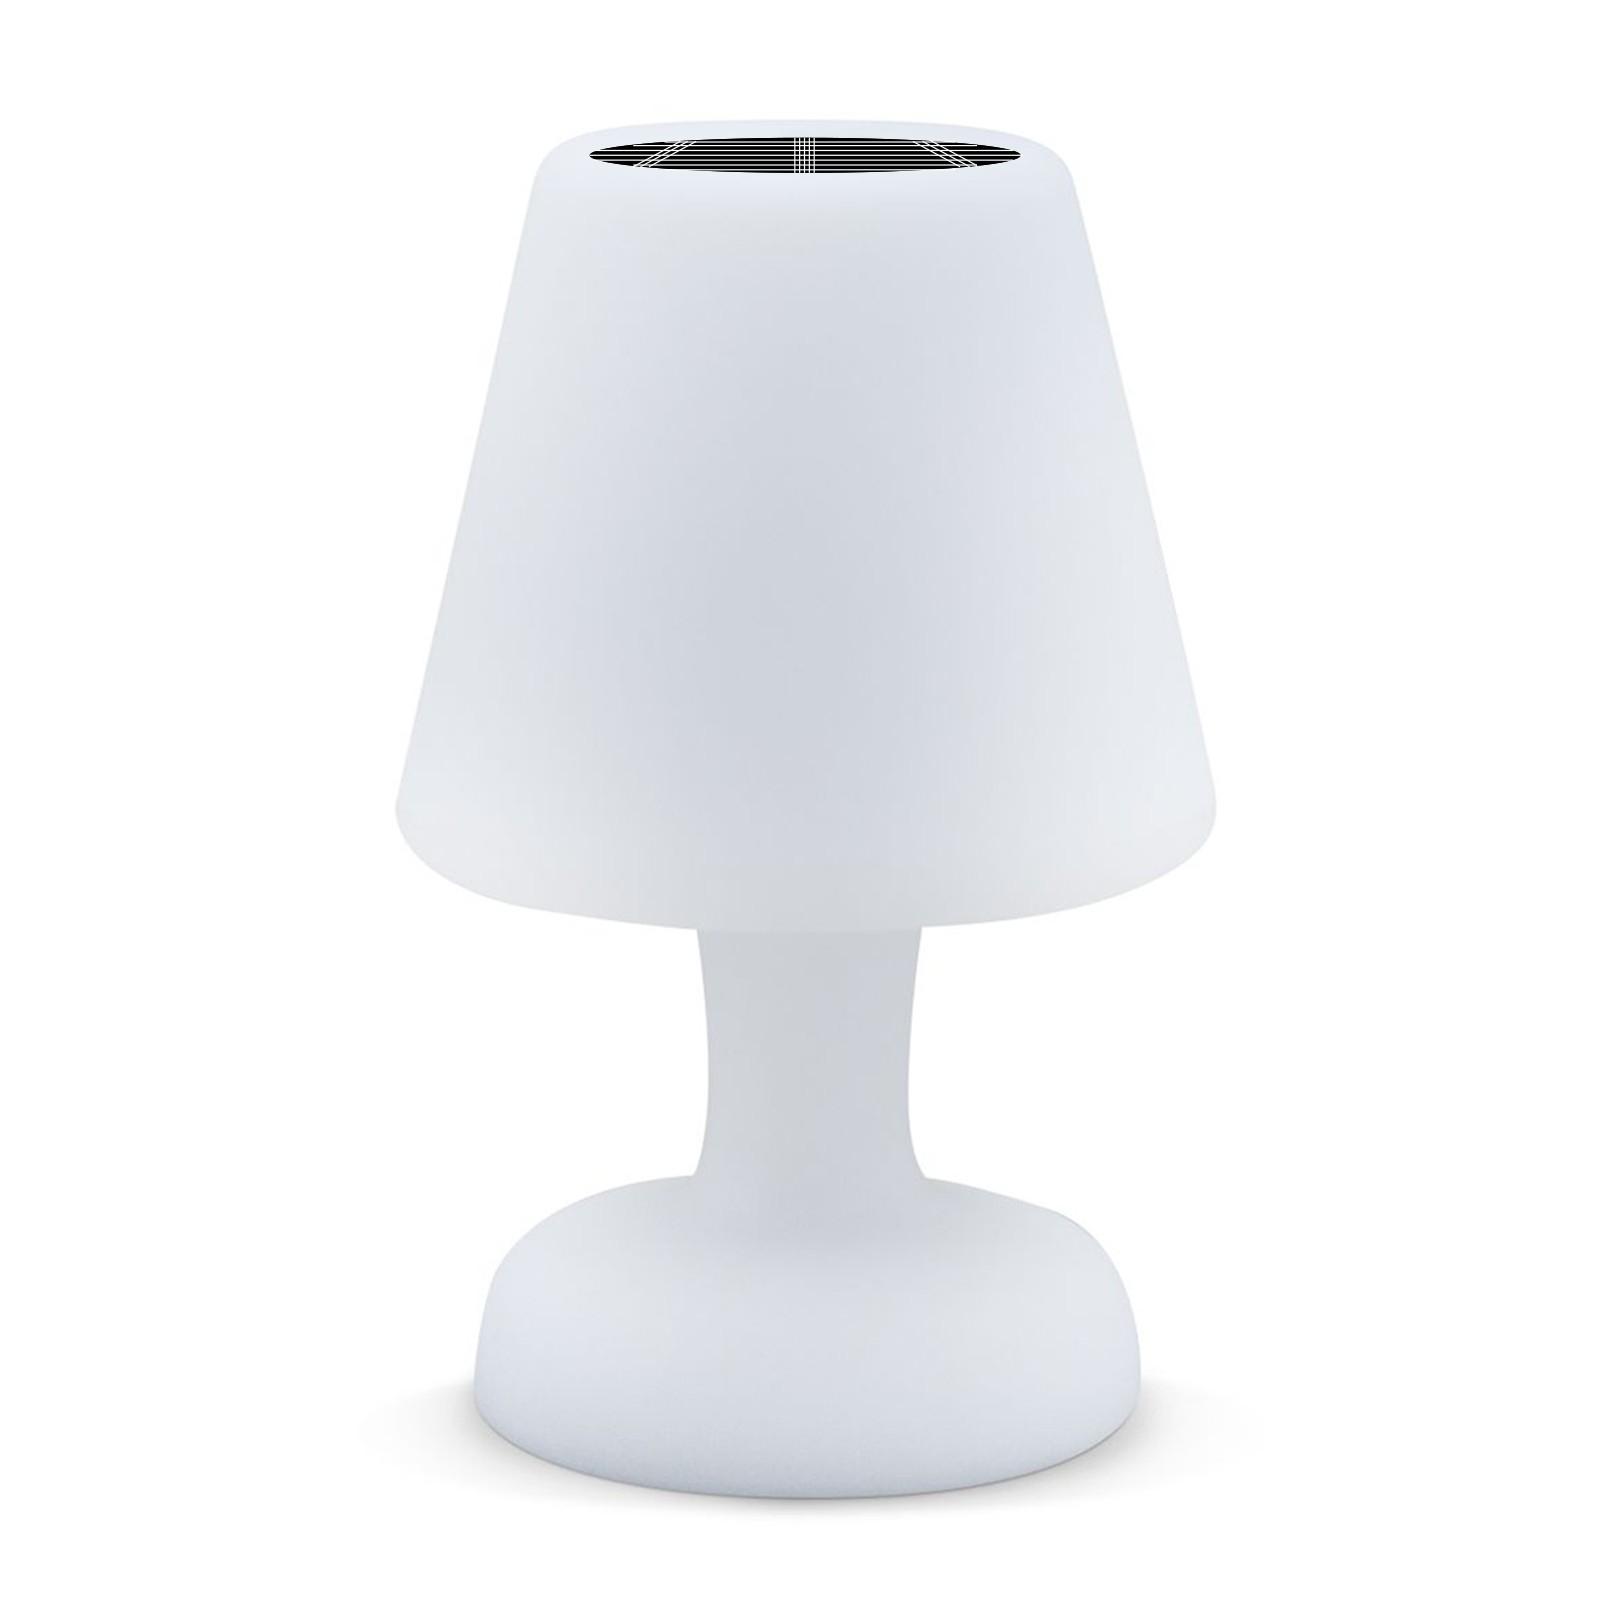 LAMPE DE TABLE LED 26 CM RECHARGE SOLAIRE ÉTANCHE IP65